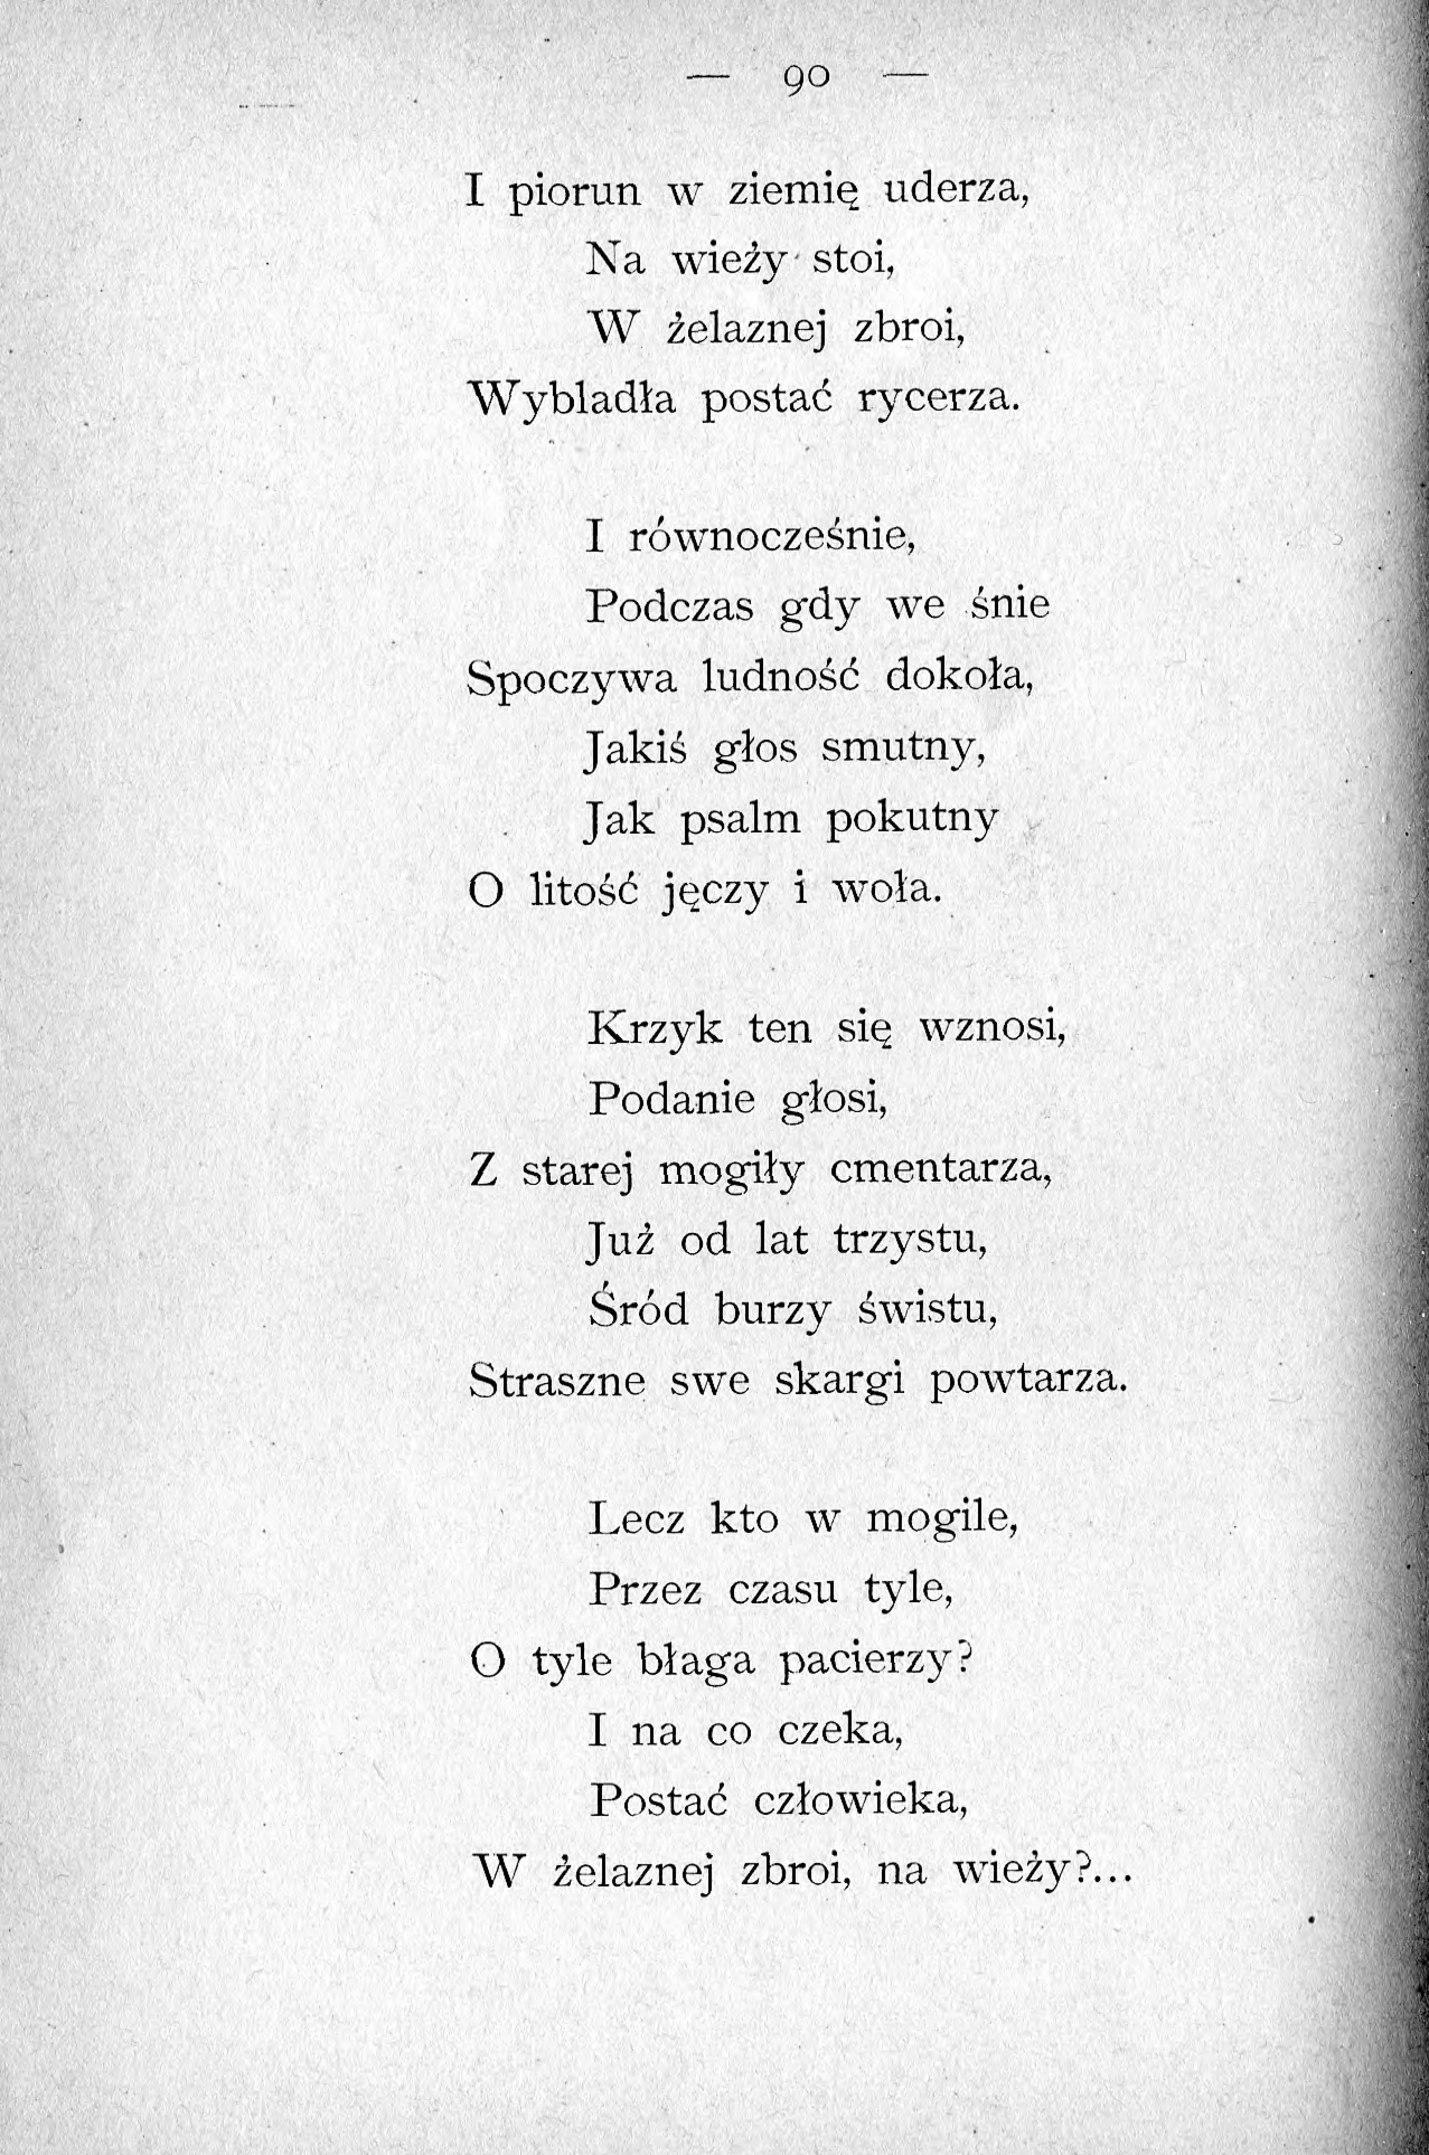 Stronawiersze Ulotne Szembekowadjvu071 Wikiźródła